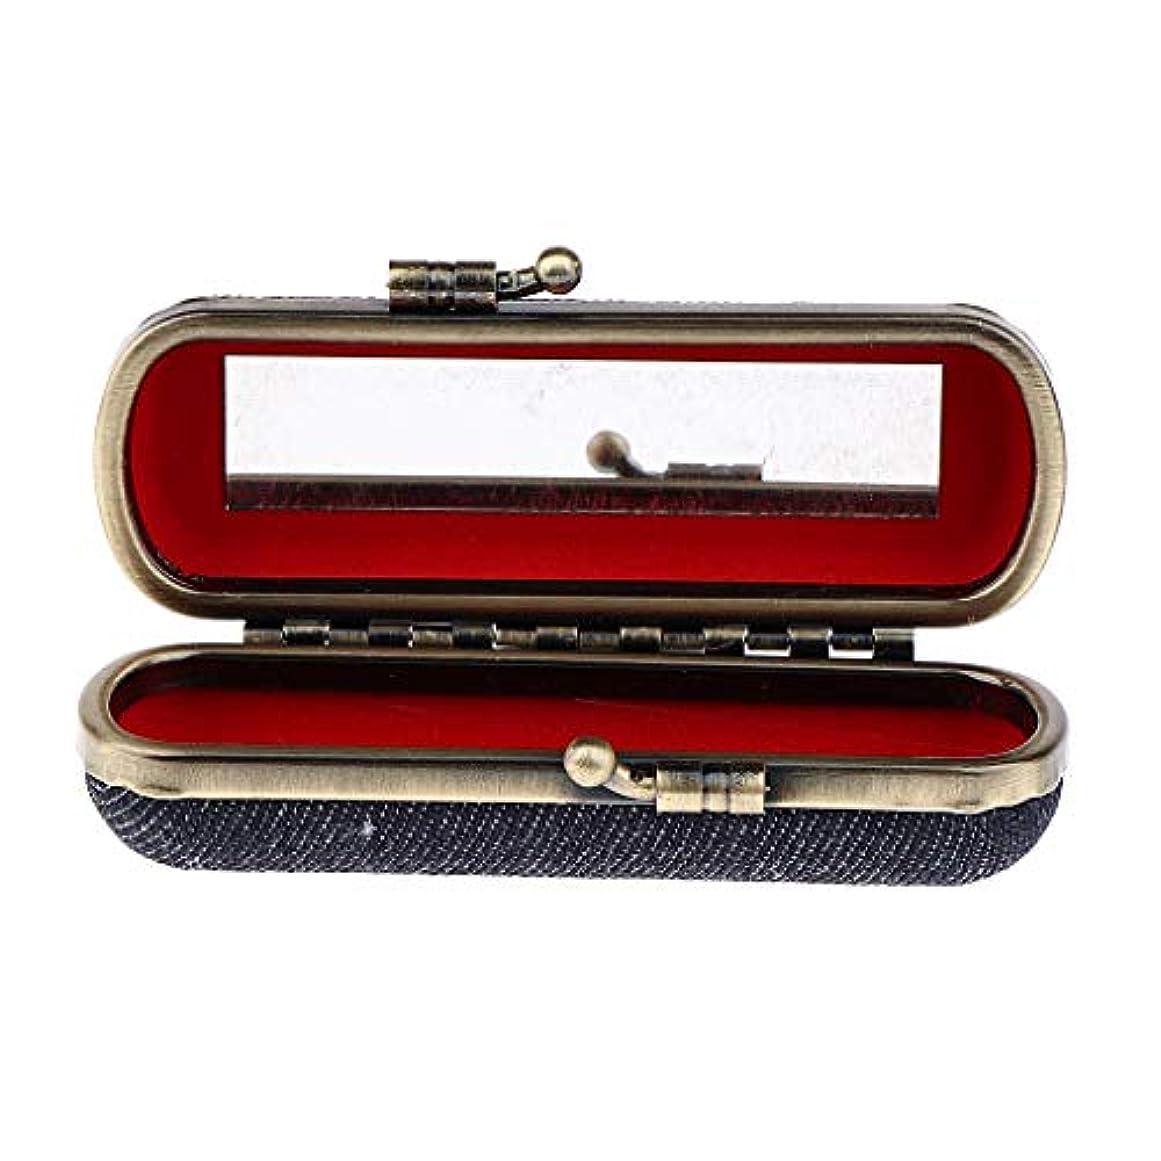 上流のベンチャー助けてT TOOYFUL 全4色選択 口紅収納ケース ホルダー ボックス 口紅ケース ミラー付き 携帯用 - ブラックブルー